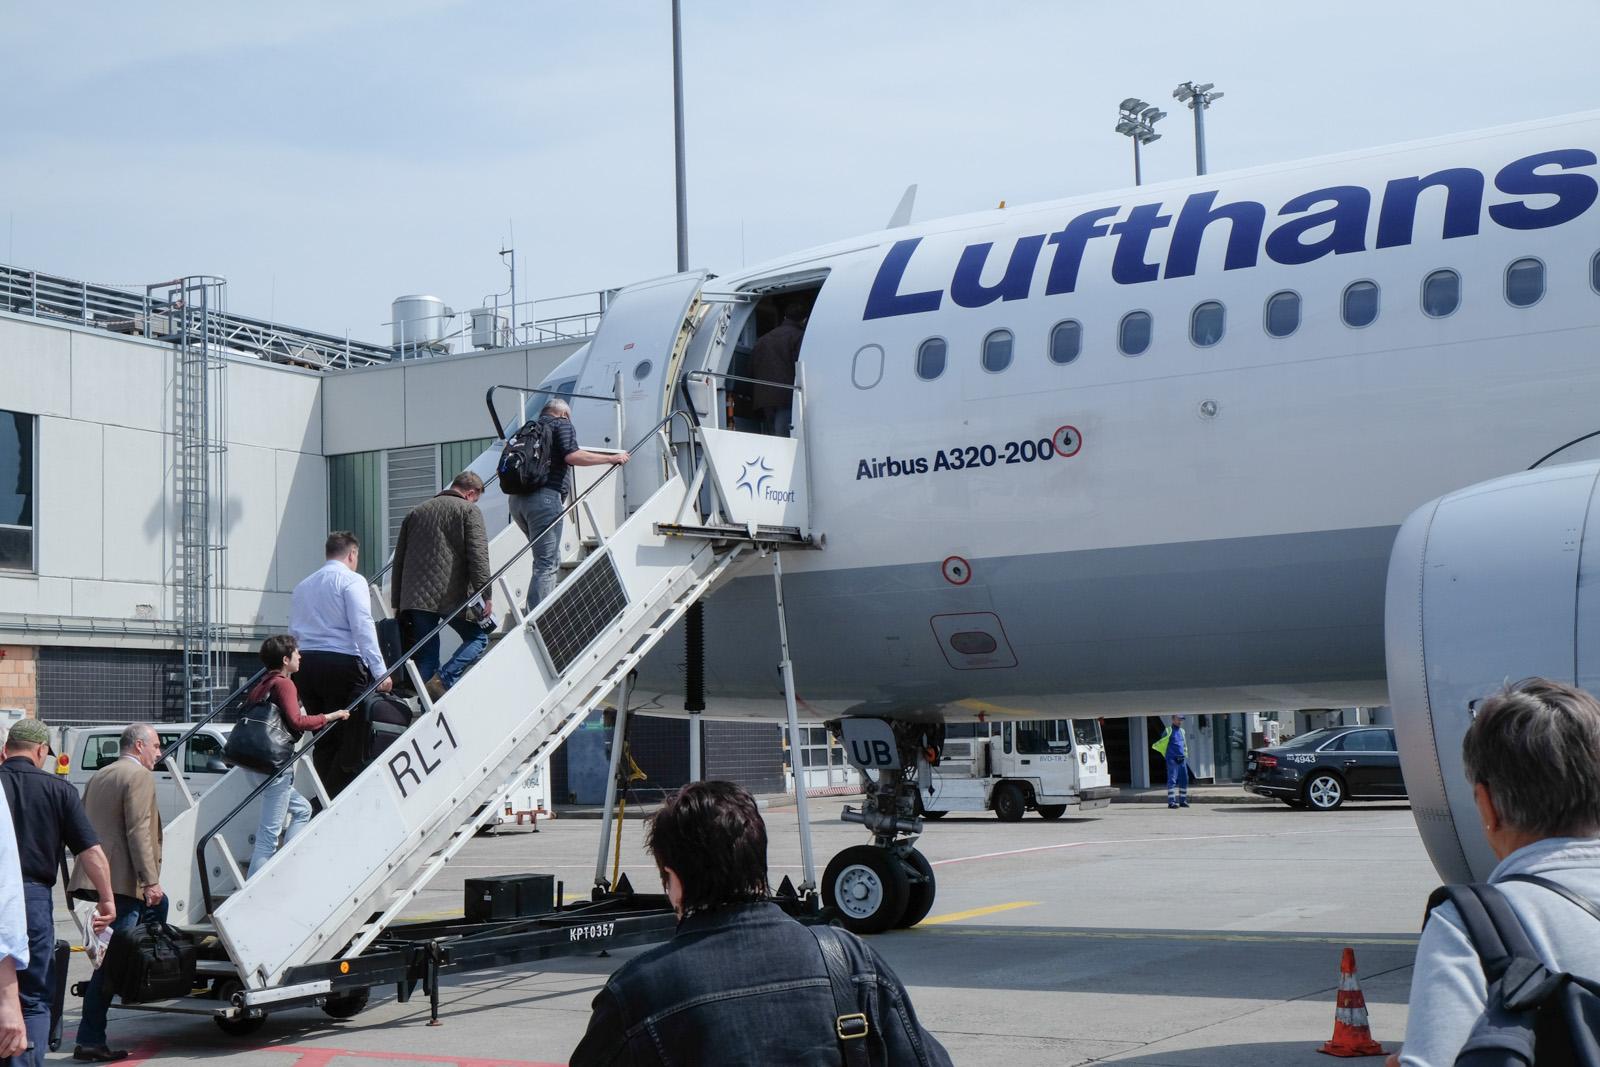 weiterflug anzeige auf flughafen